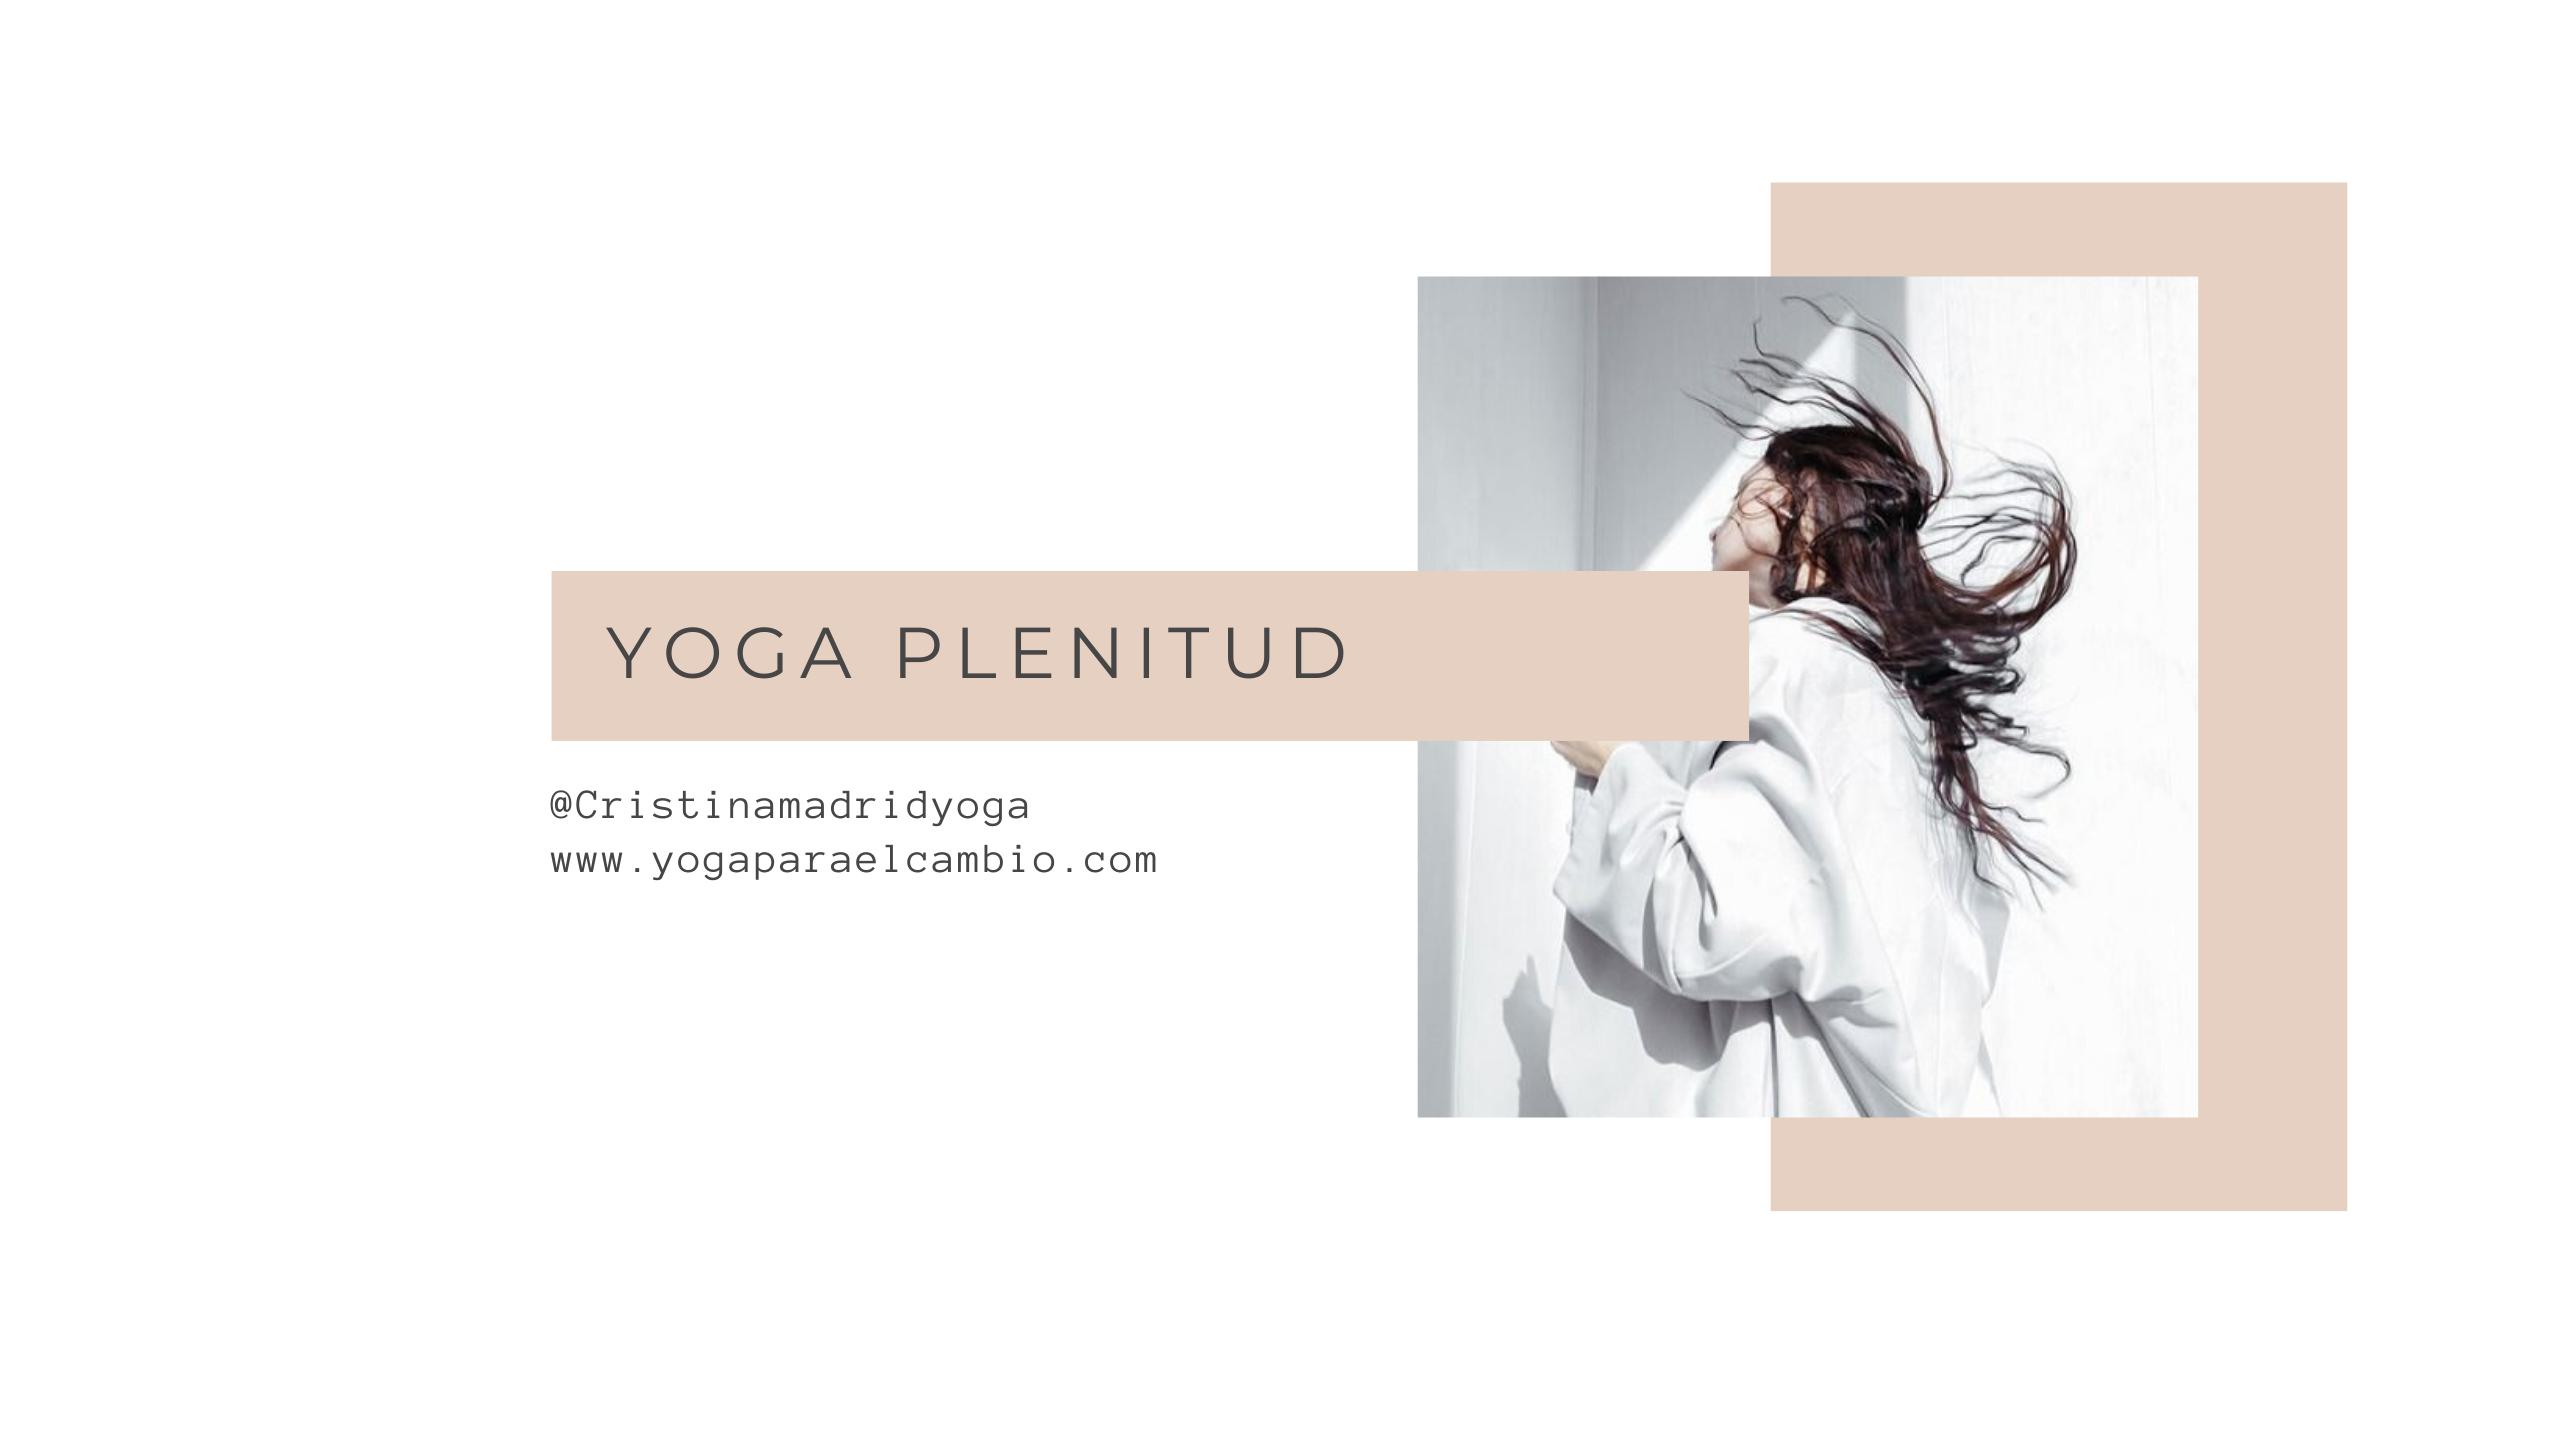 Yoga plenitud